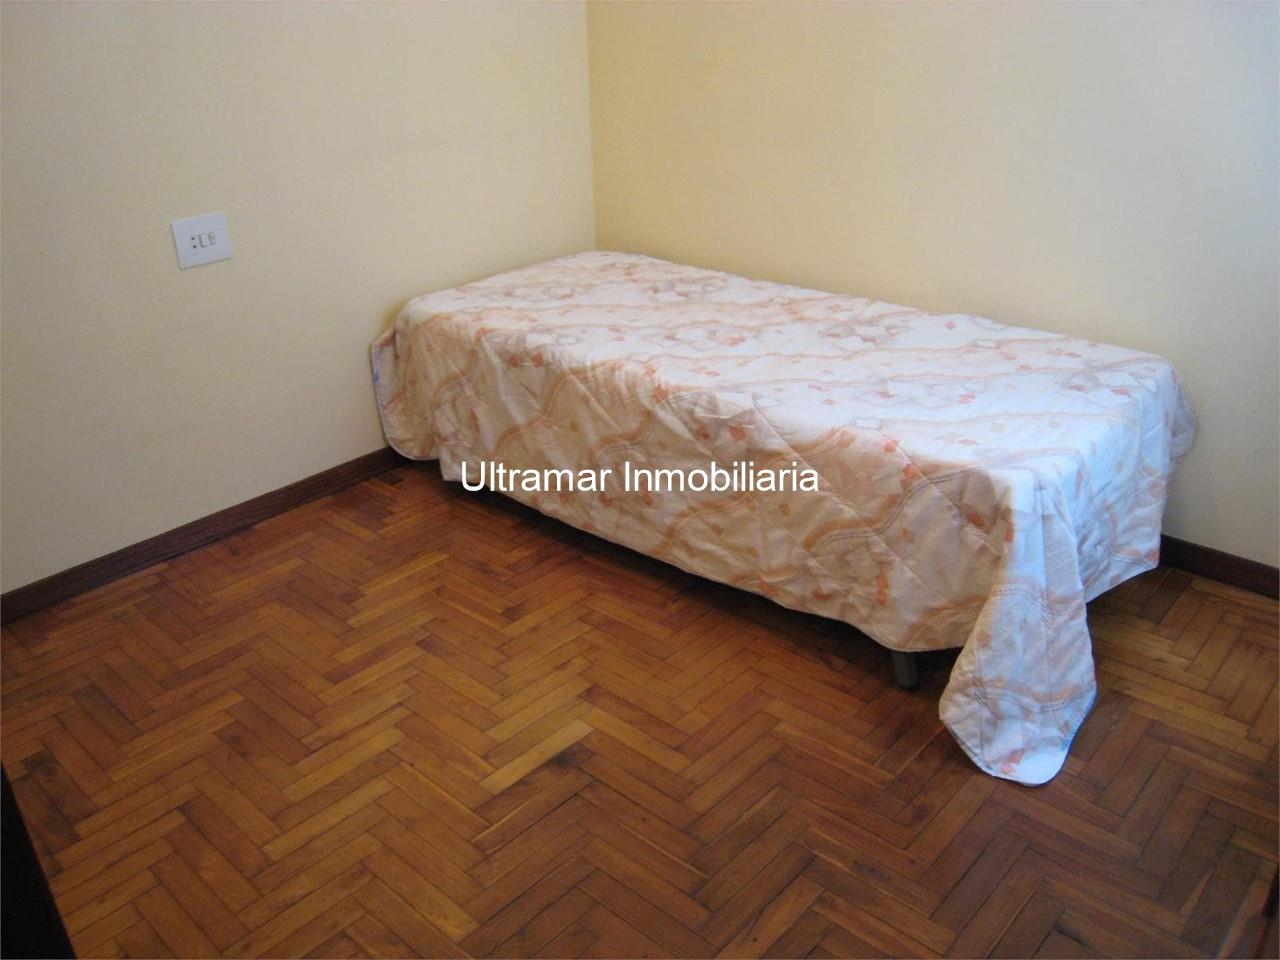 Piso En Alquiler O Venta Zona Fajardo Ferrol # Muebles Fajardo